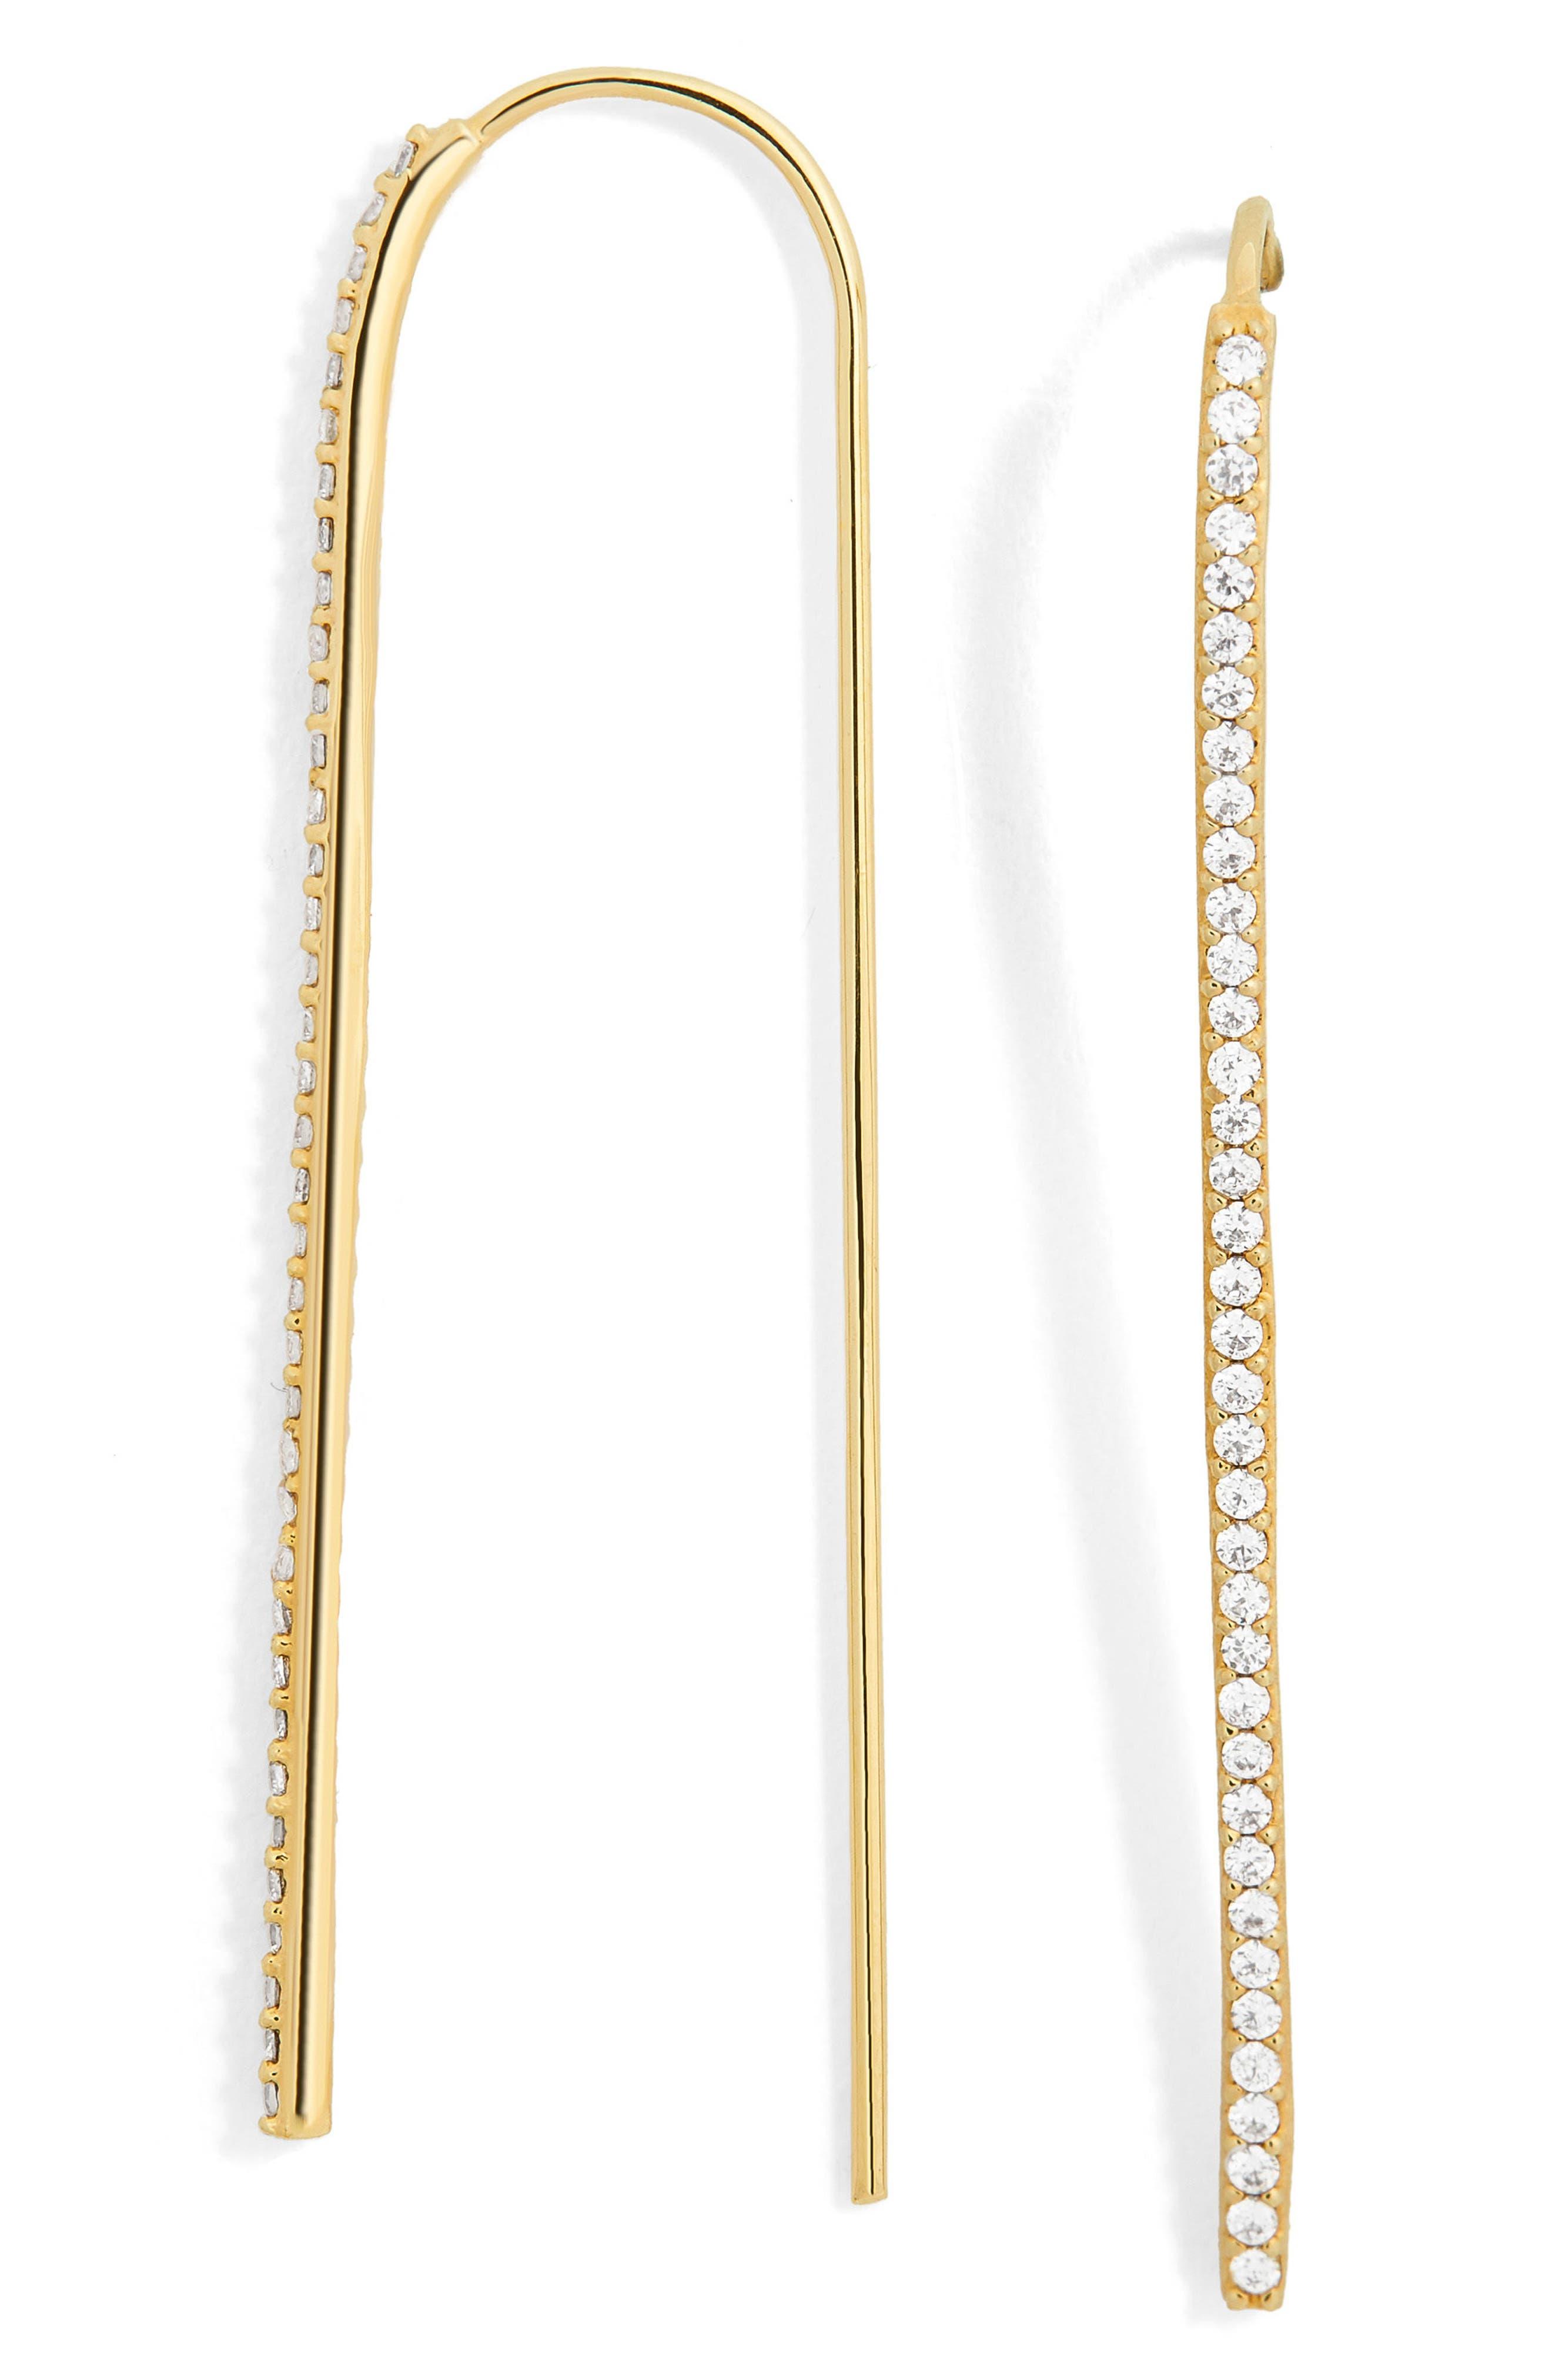 Alternate Image 1 Selected - BaubleBar Sirena Pavé Threader Earrings